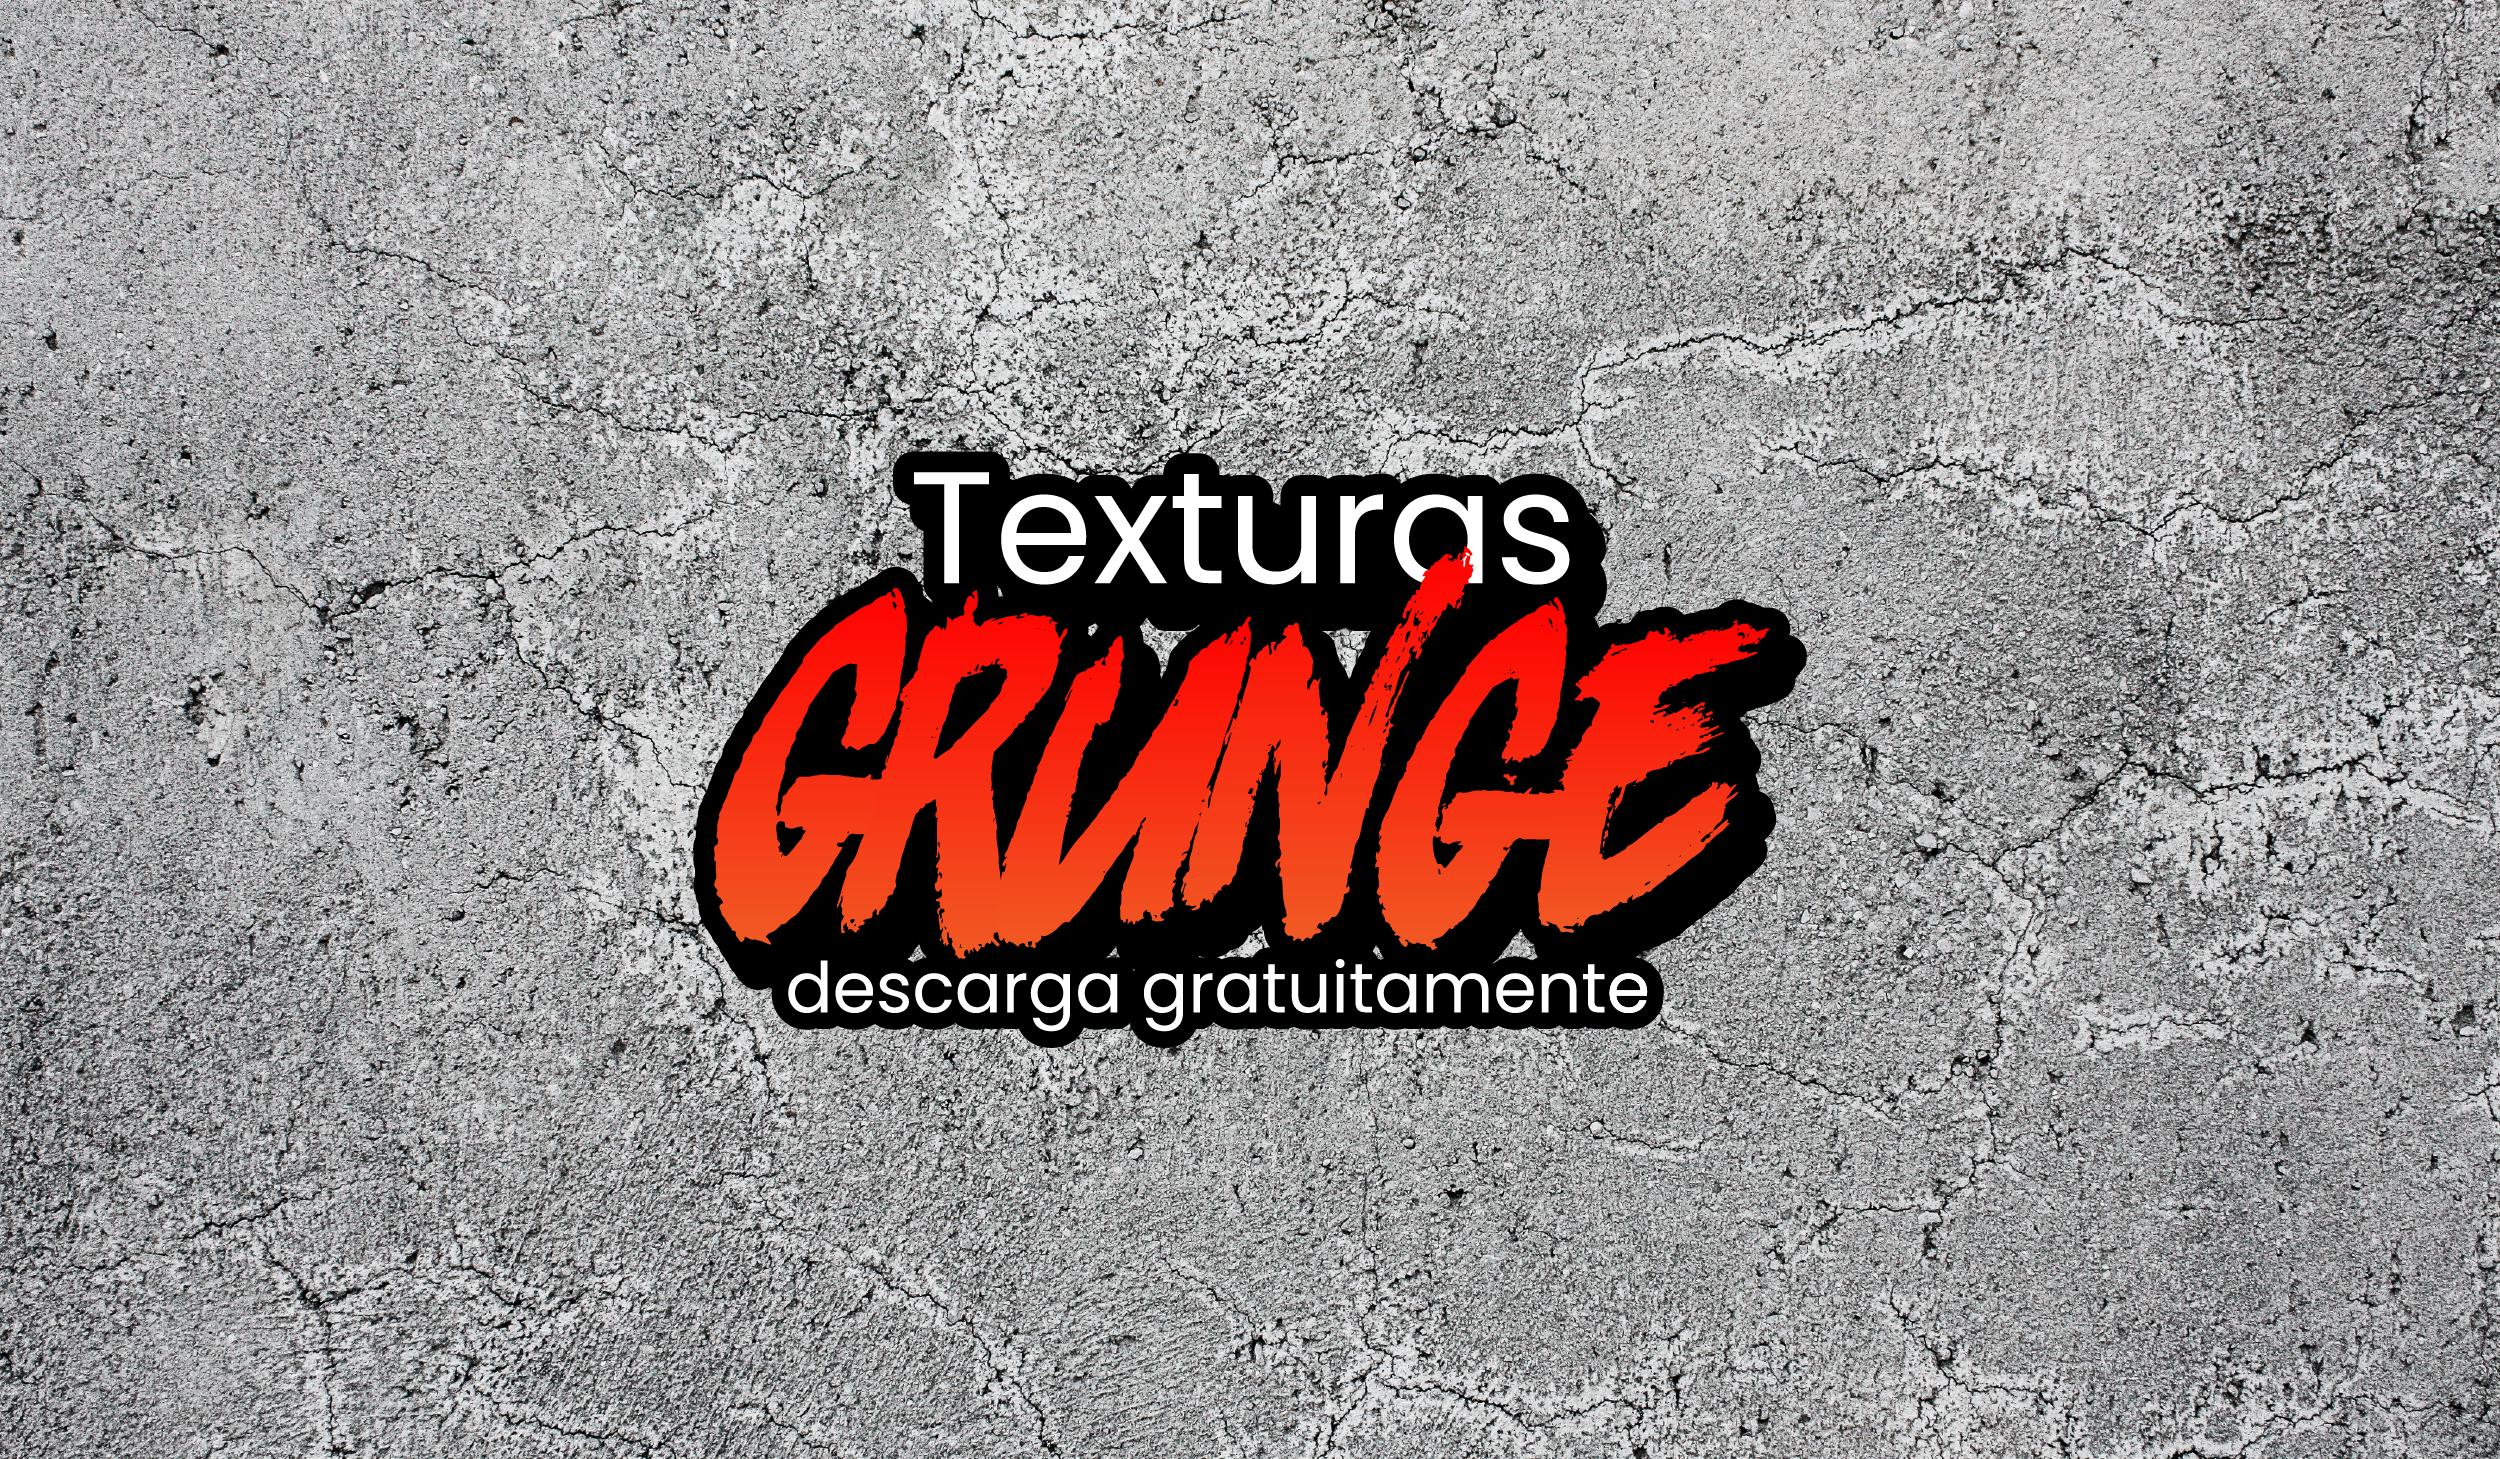 fondo Texturas Grunge gratis - texturas gratis - pack de texturas - fondos grunge hd - fondos estilos grunge - fondos manchados